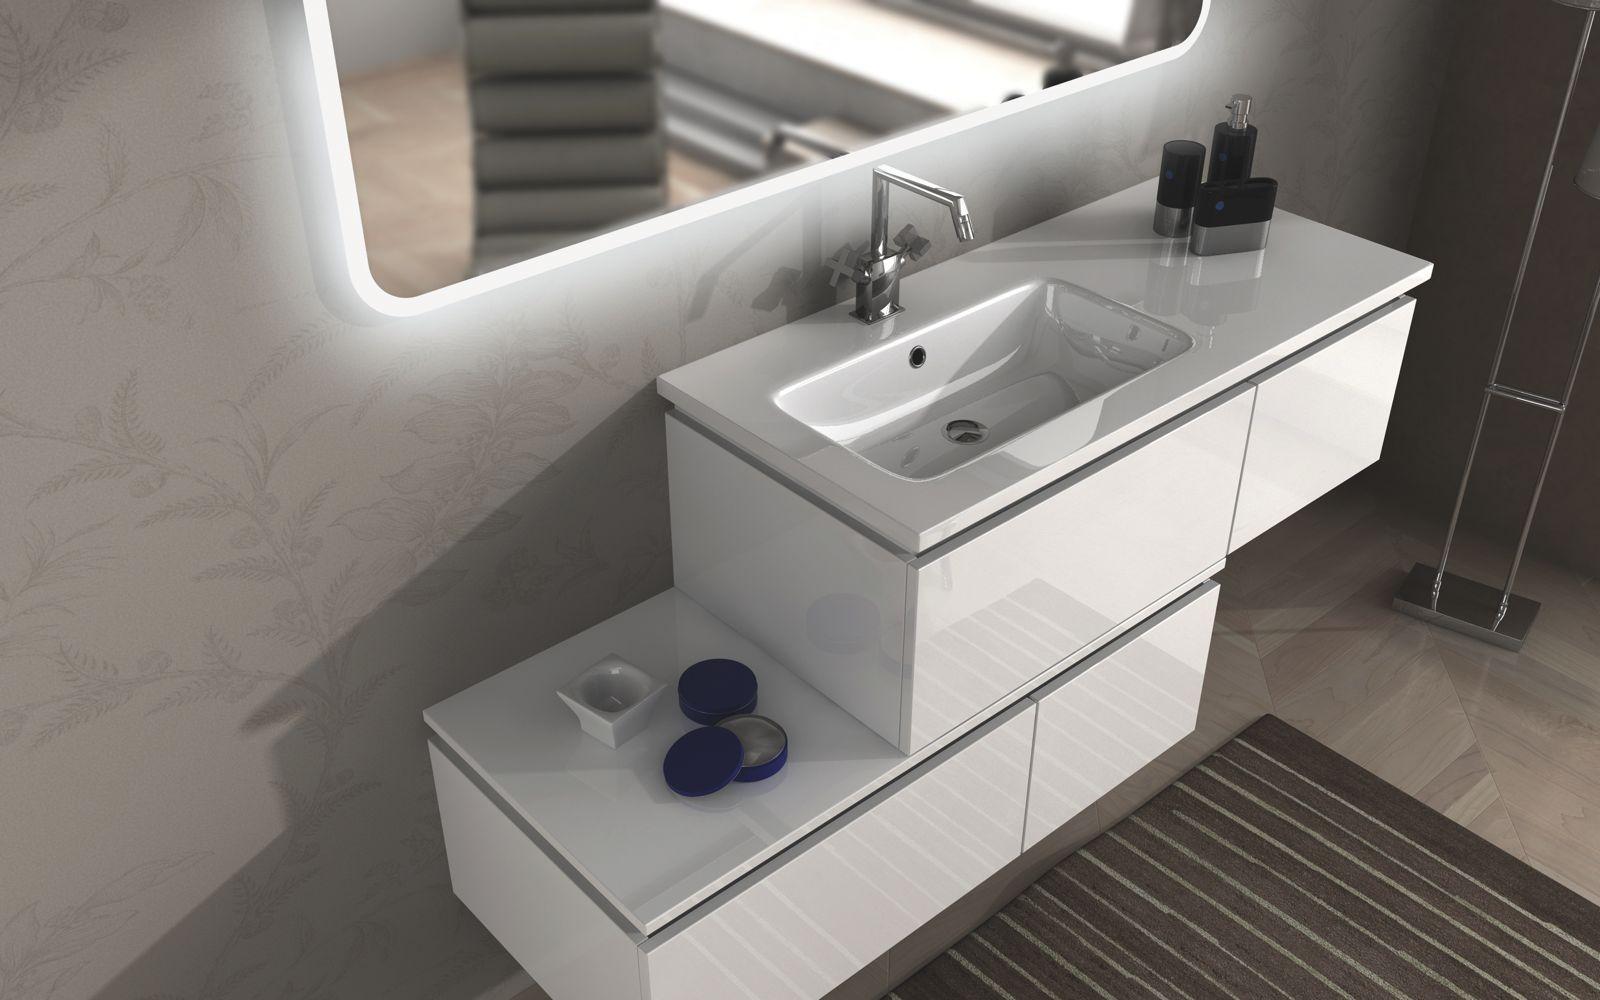 mobile arredo bagno avon 100+110 120 130 140 200 lavabo cassetto ... - Arredo Bagno Mobili Senza Lavabo